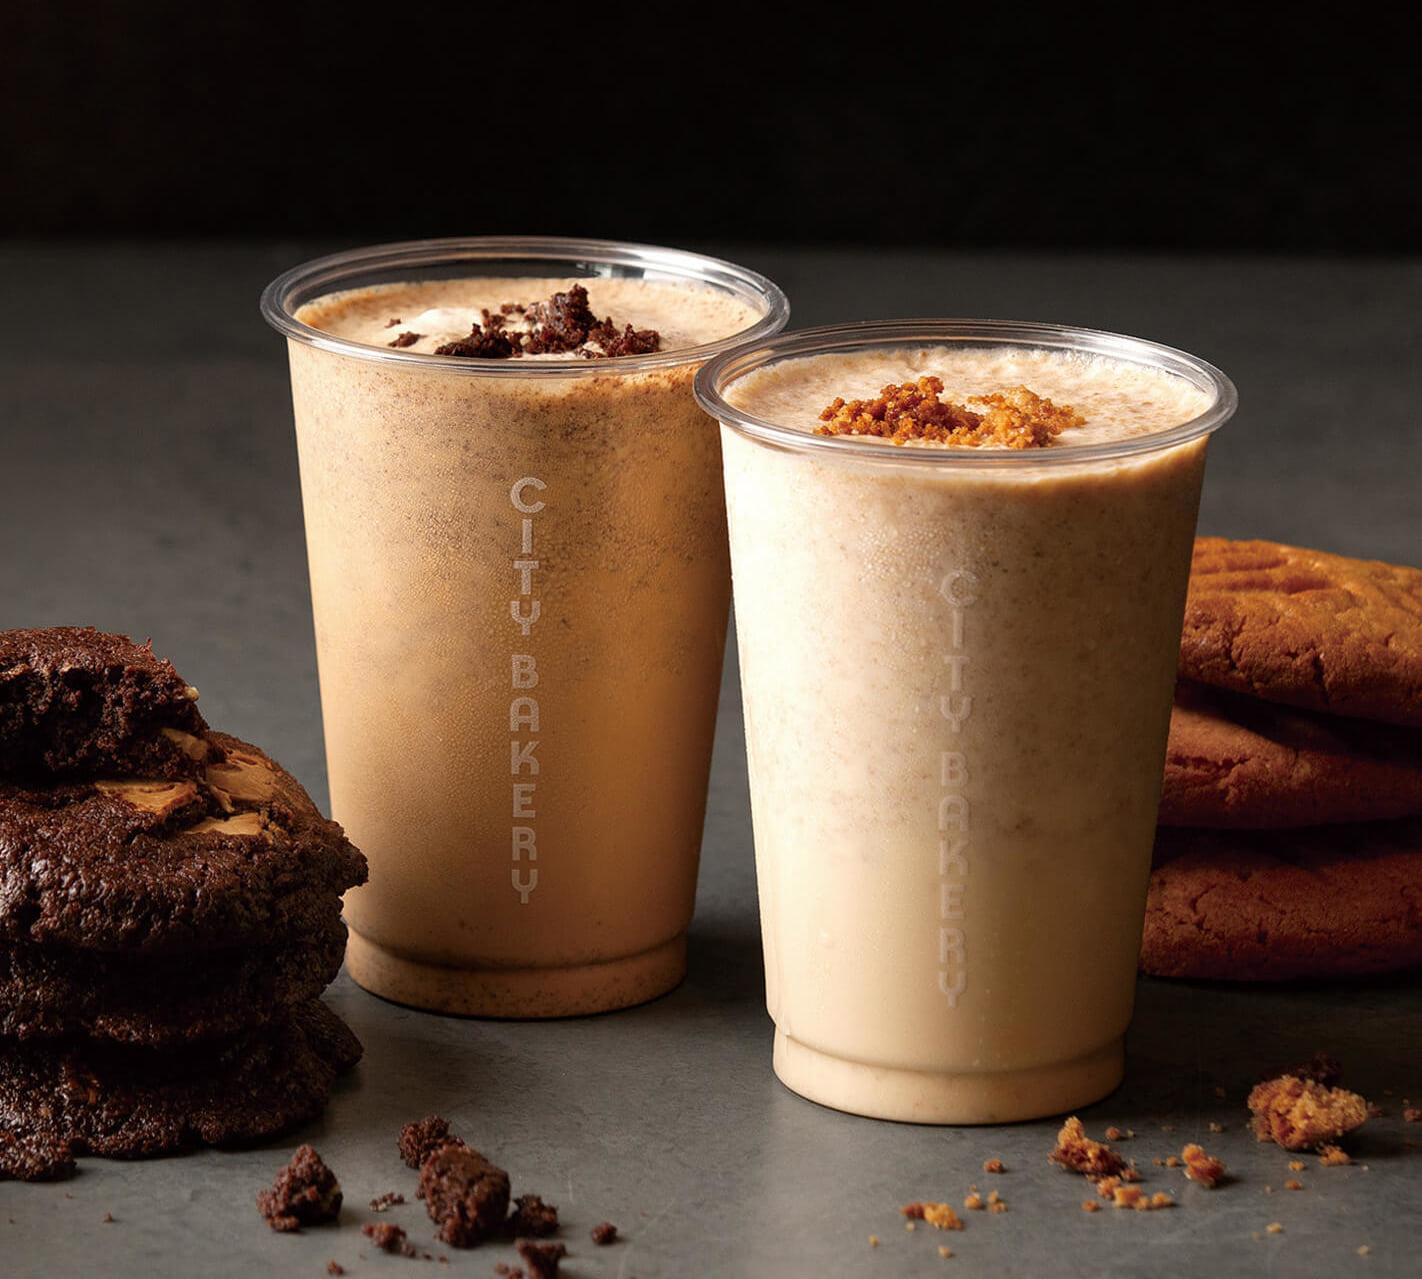 左から CB クッキーシェイクW チョコエスプレッソ/¥748、CB クッキーシェイク ピーナッツバニラ/¥693(ともに税込み)